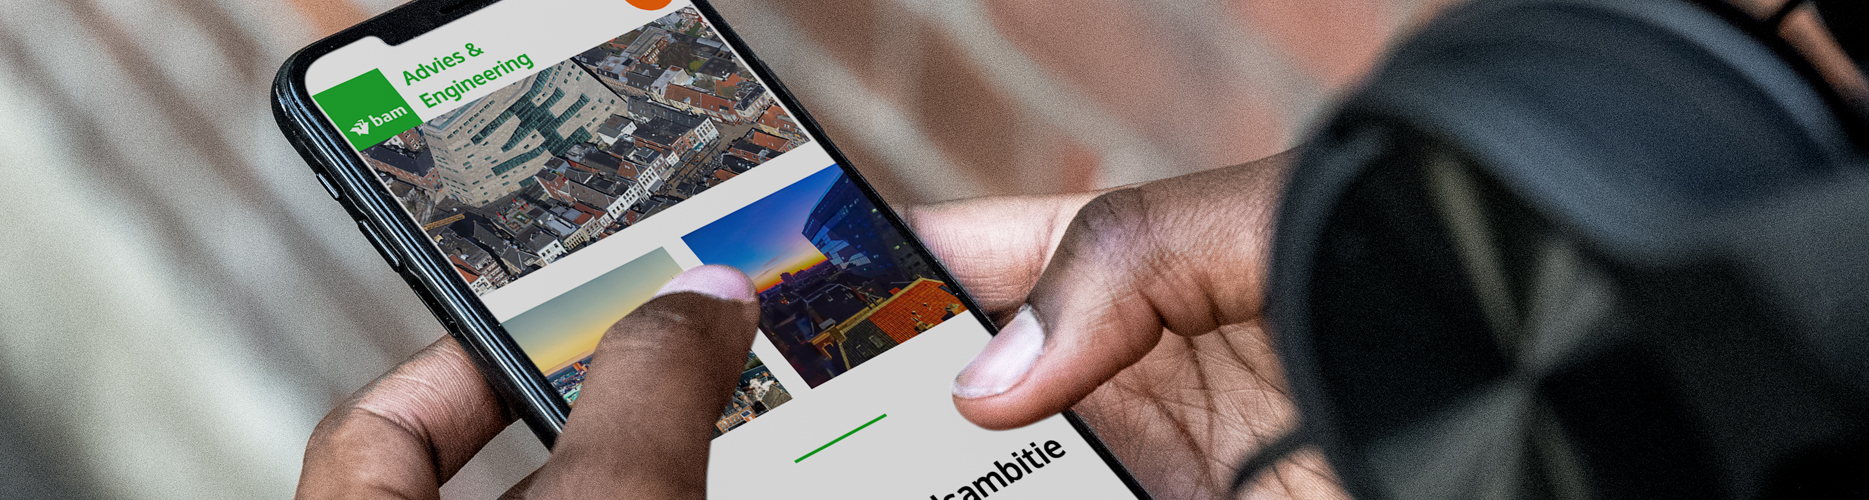 Man heeft een iPhone in zijn handen met daarop de website van bam